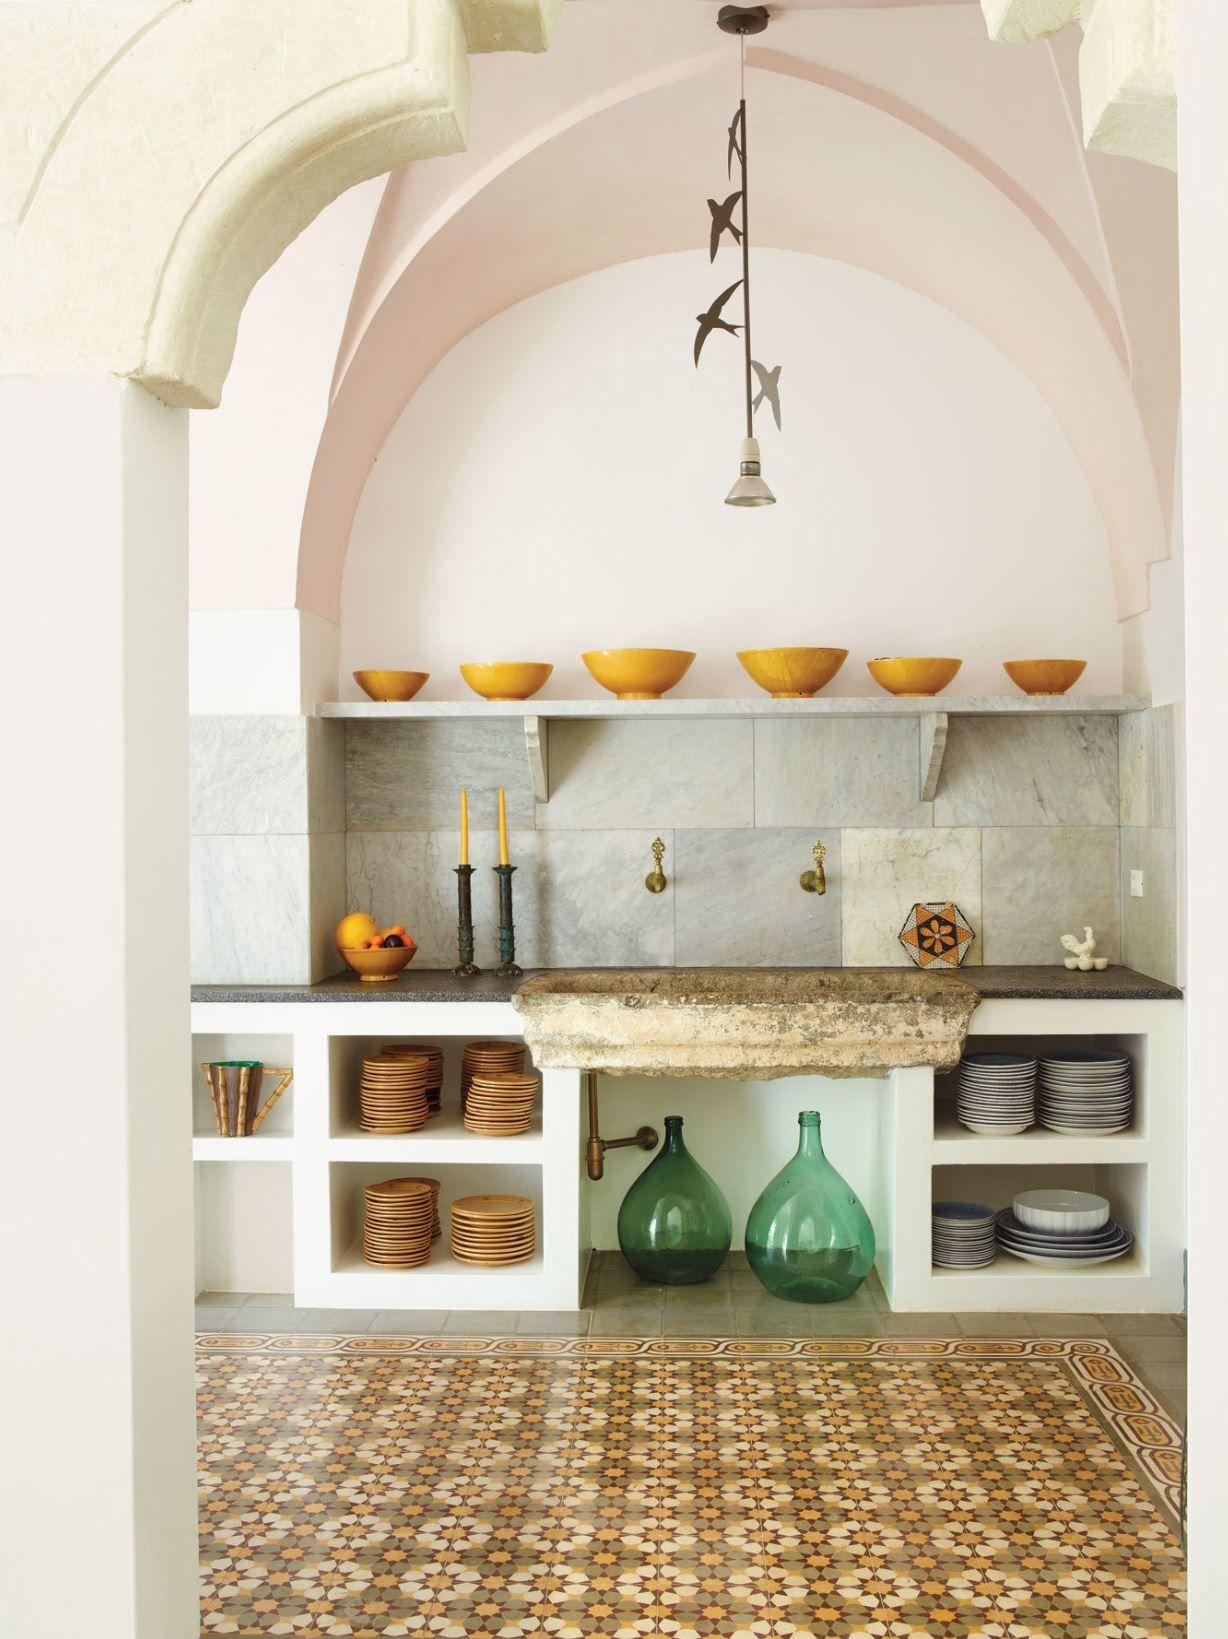 Küchendesign 2018 einfach arch ways and tiles  bad und küche in   pinterest  island